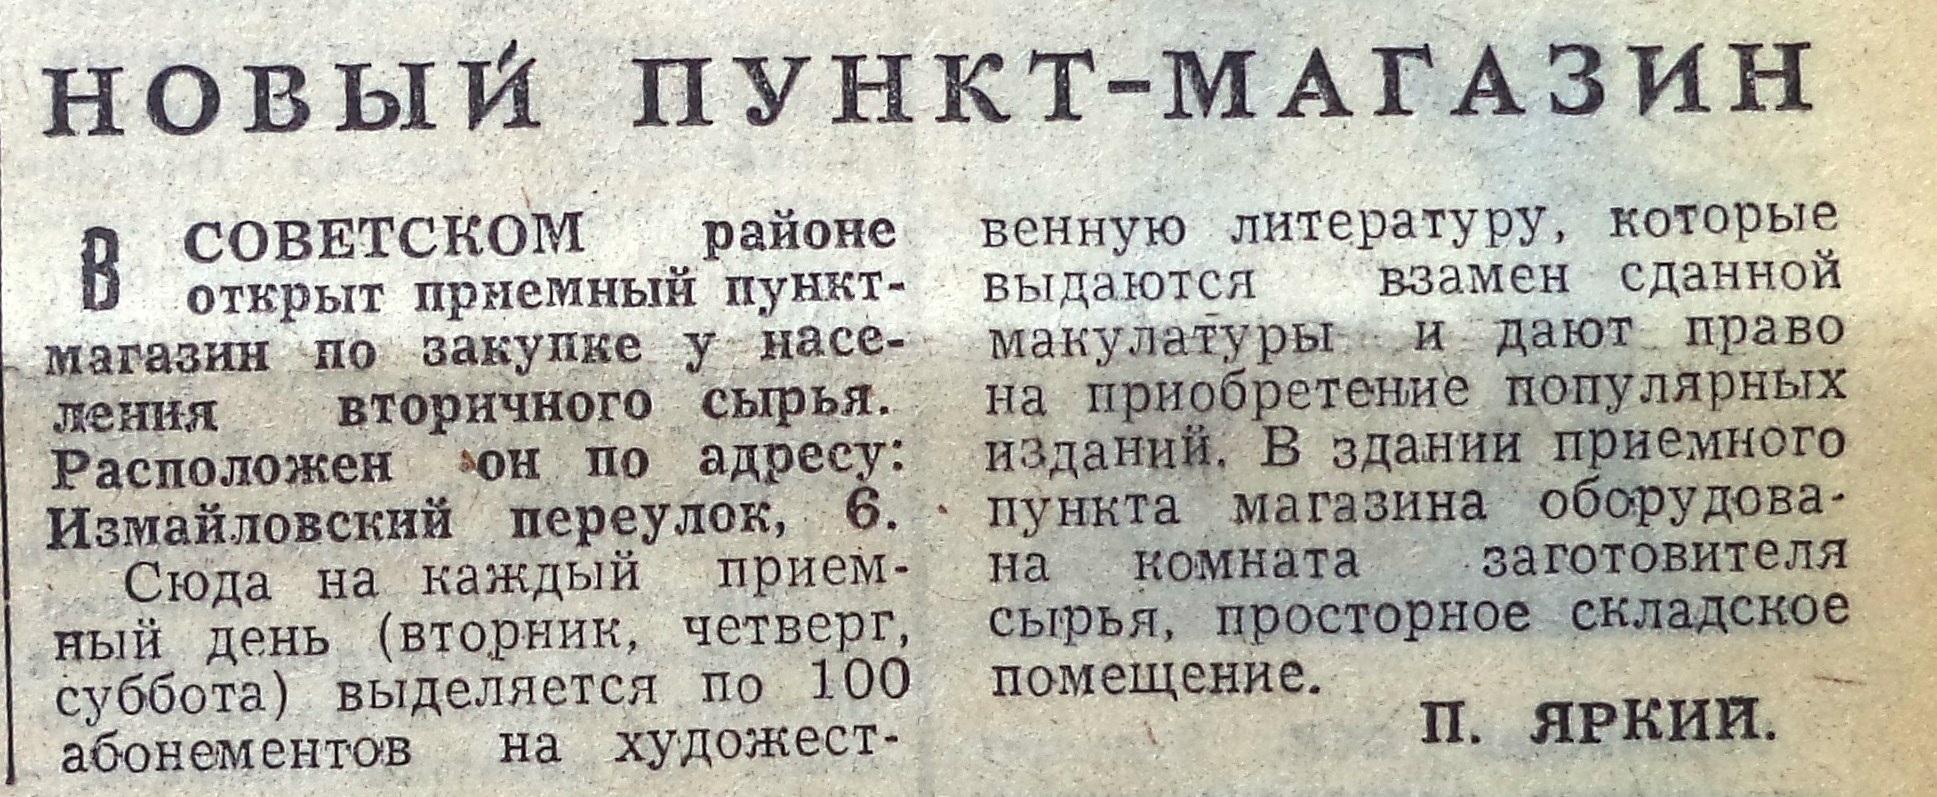 Измайловский-ФОТО-15-ВЗя-1983-08-03-новый Стимул в Изм.пер